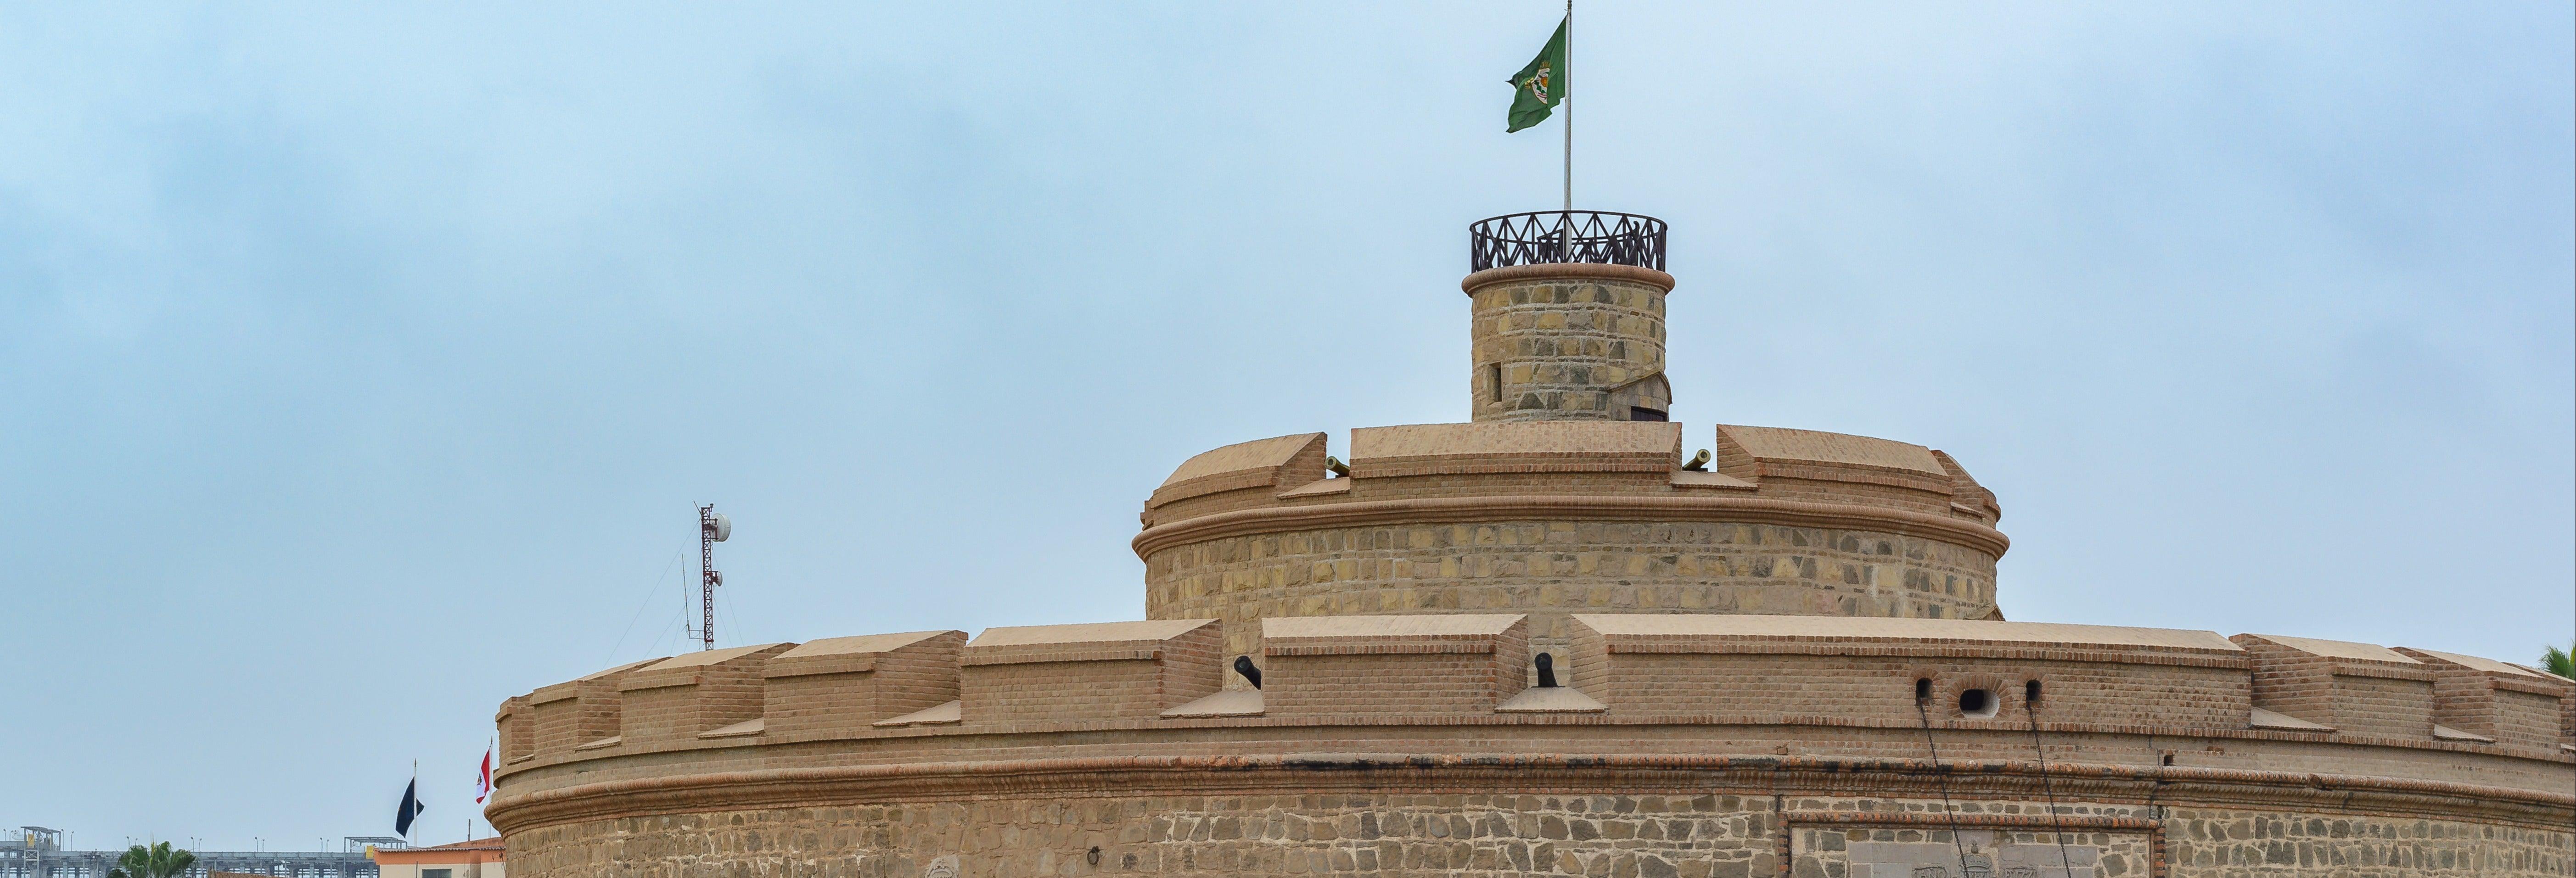 Visite de Callao et de la Forteresse du roi Philippe